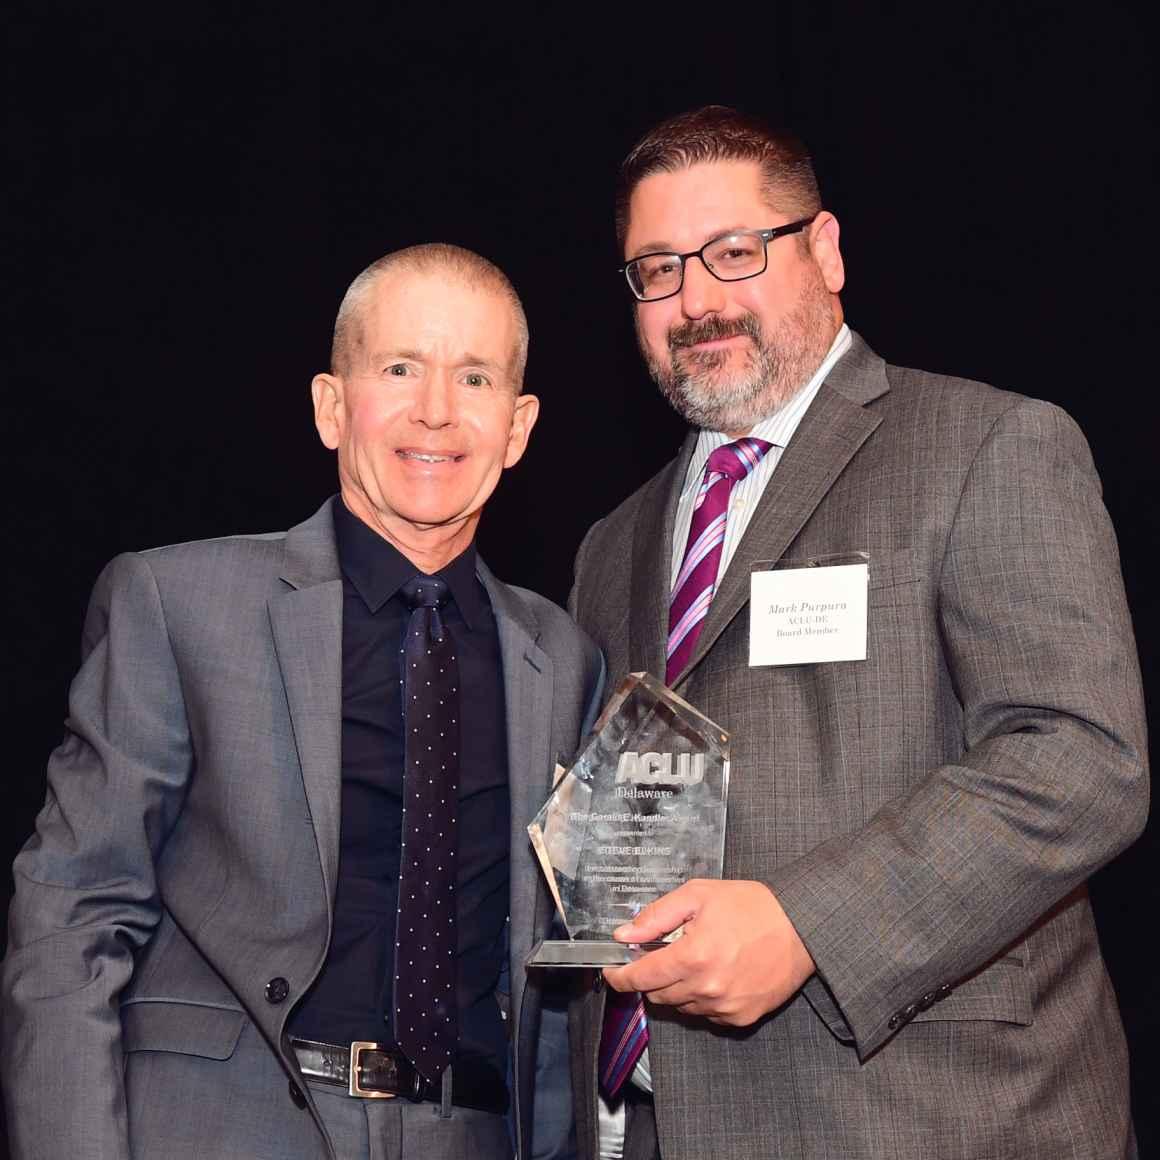 Mark Purpura and Murray Archibald accept award on behalf of Steve Elkins